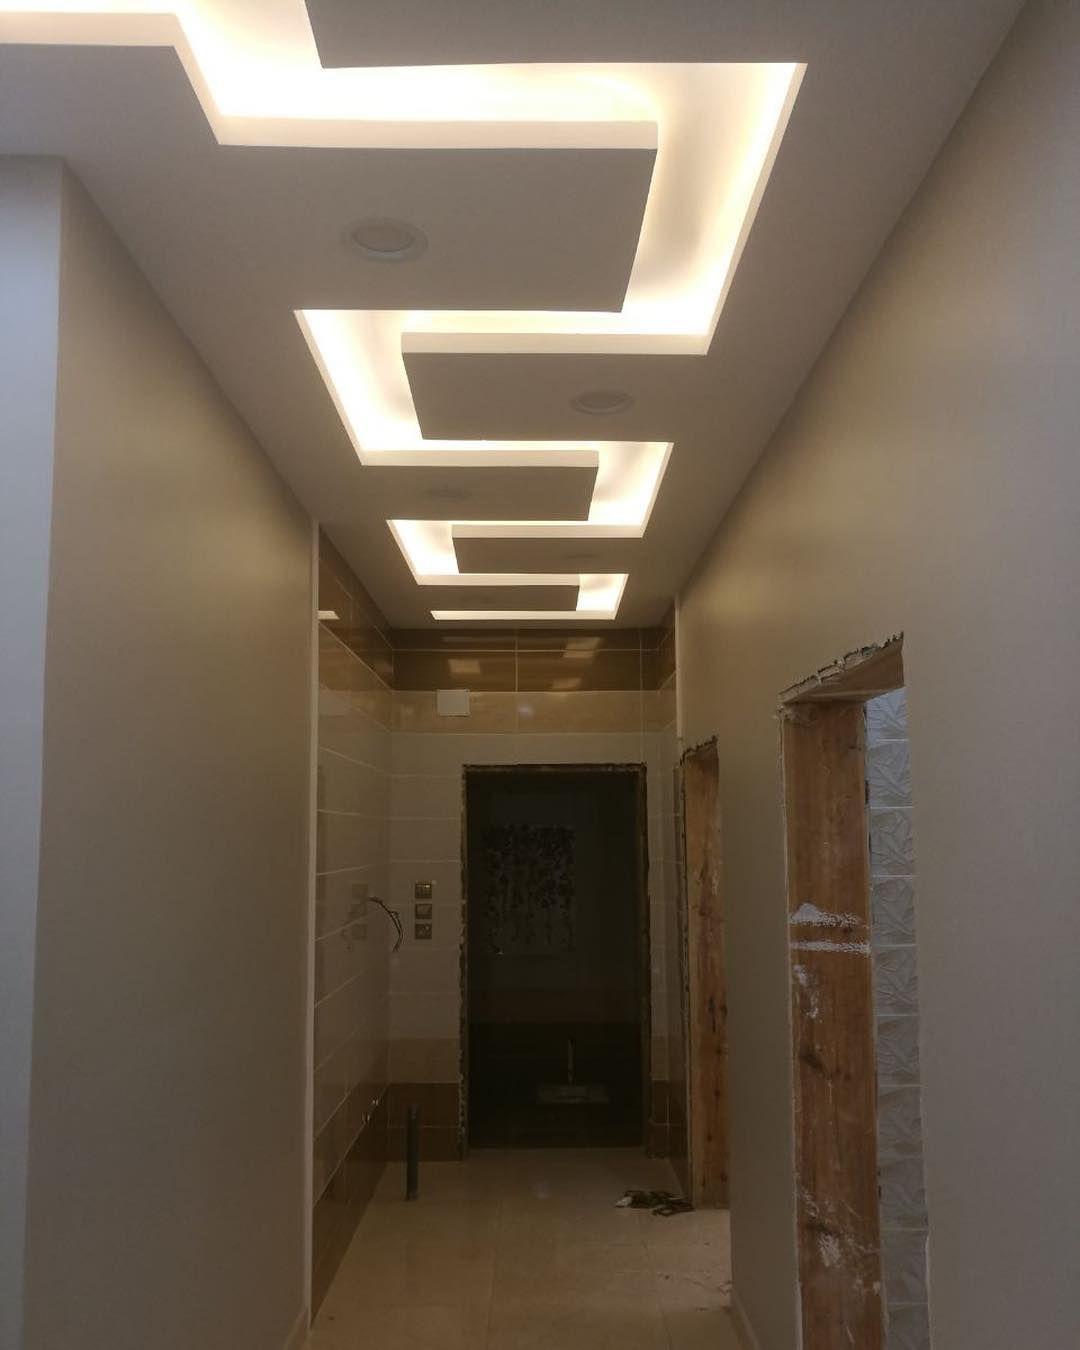 أعمال حديثة تم إنجازها شاركونا رائيكم وملاحظاتكم فهي محل إهتمامنا وتقديرنا لمسات الفن والابداع للزخ Pop Ceiling Design False Ceiling Design Ceiling Design